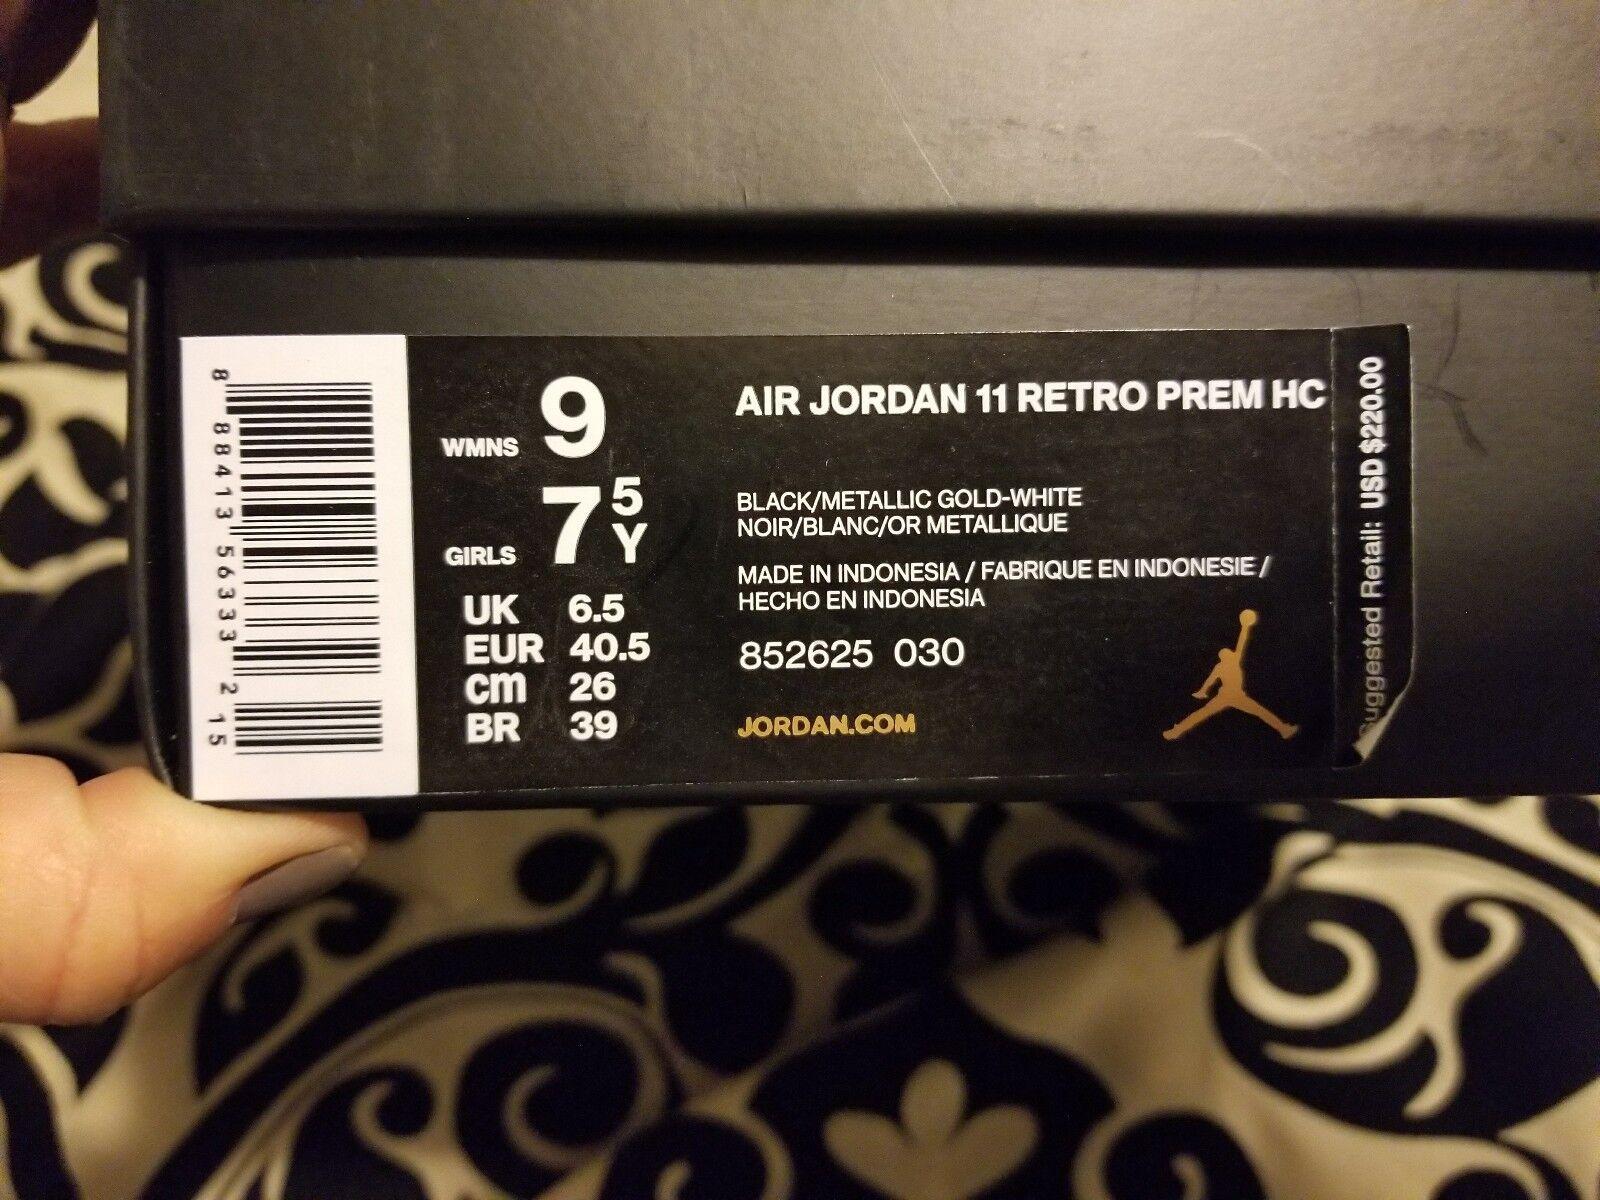 Jordan Retro 11 PREM HC Heiress Stingray Black Gold 852625-030 GG Cheap women's shoes women's shoes